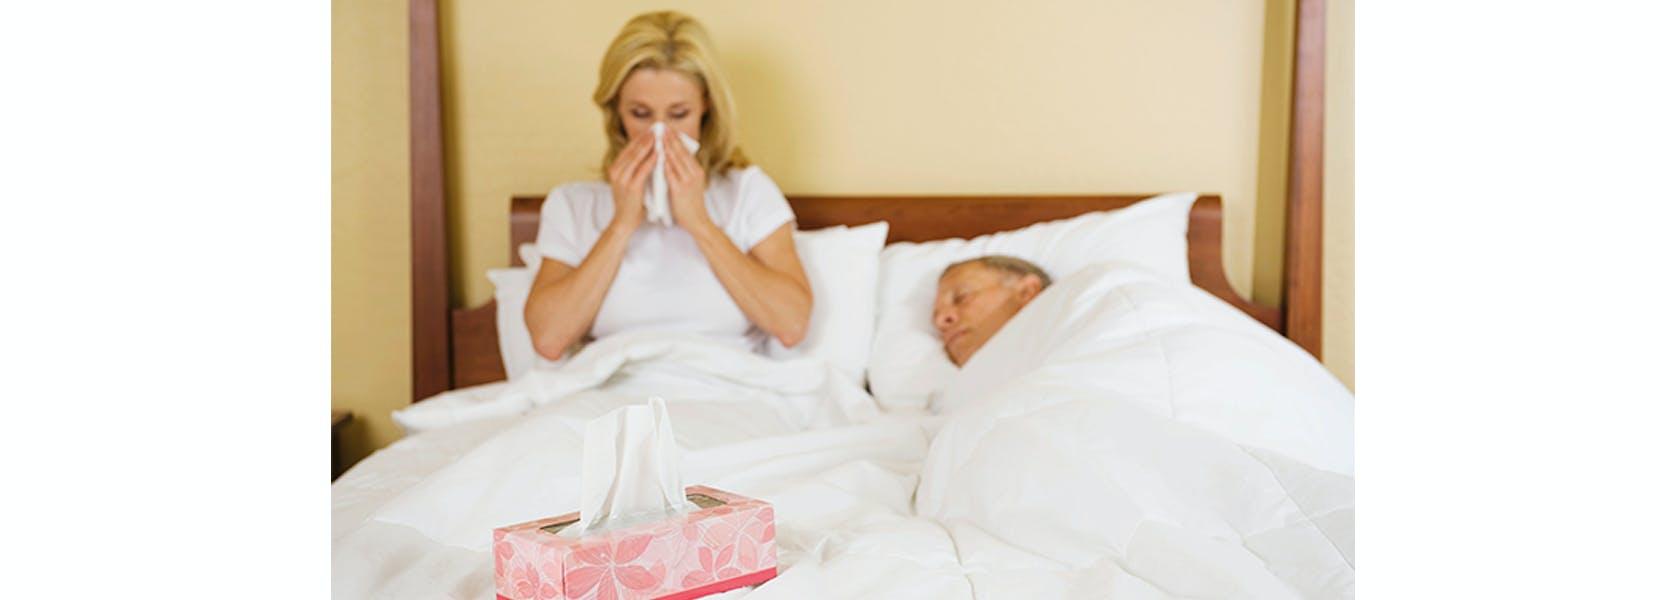 Pareja de adultos son sintomas gripales descansando en cama.